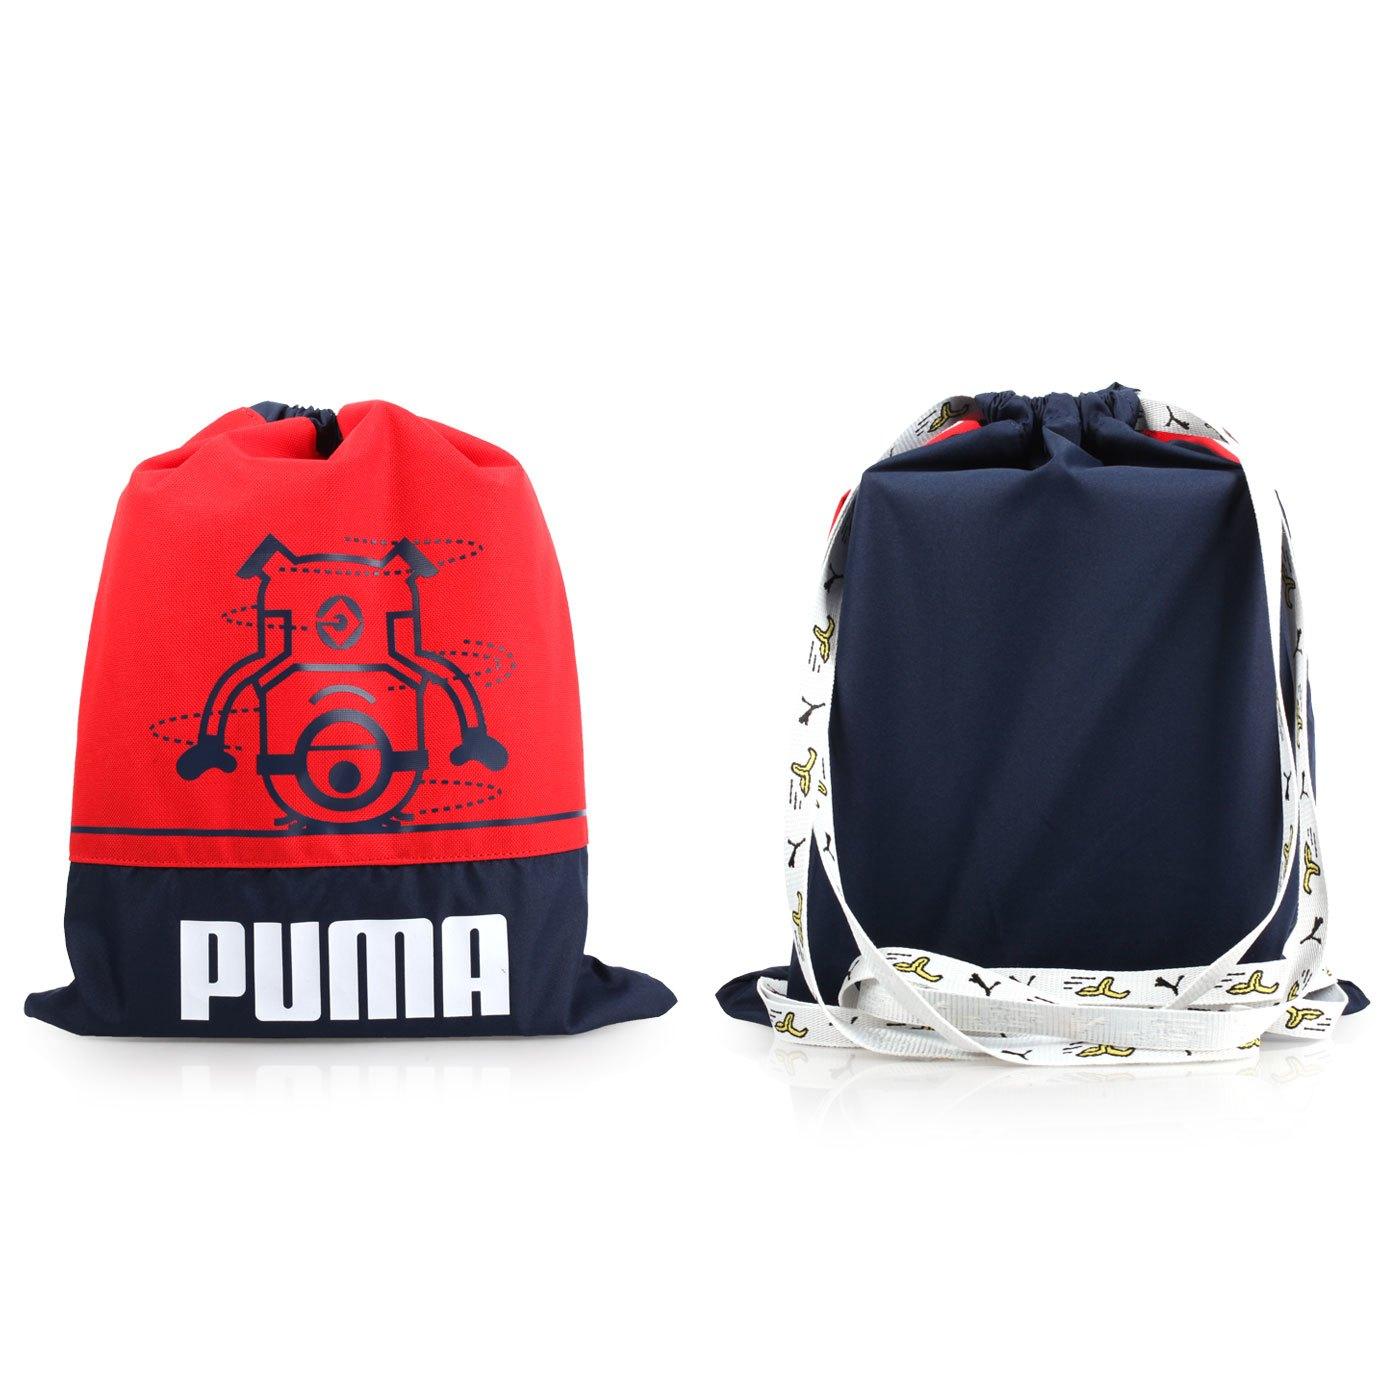 PUMA 小小兵束口袋(雙肩包 後背包 收納袋【05481450】≡排汗專家≡